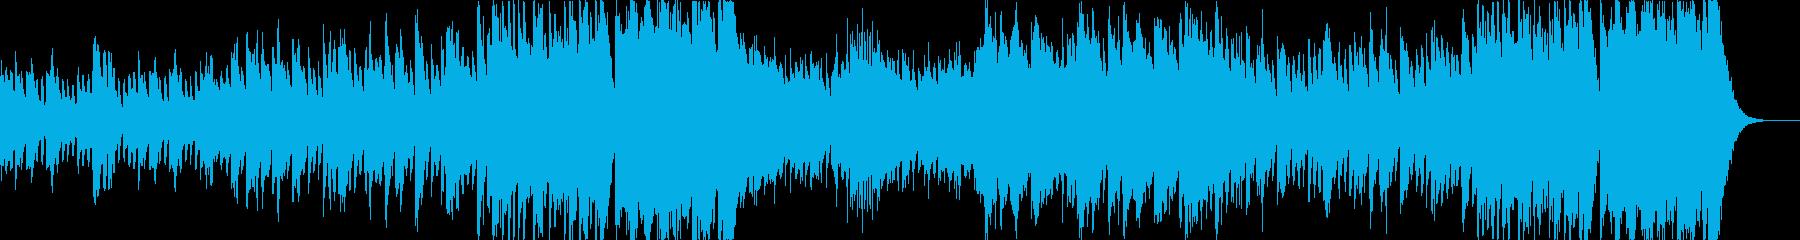 ハロウィンのオーケストラの再生済みの波形